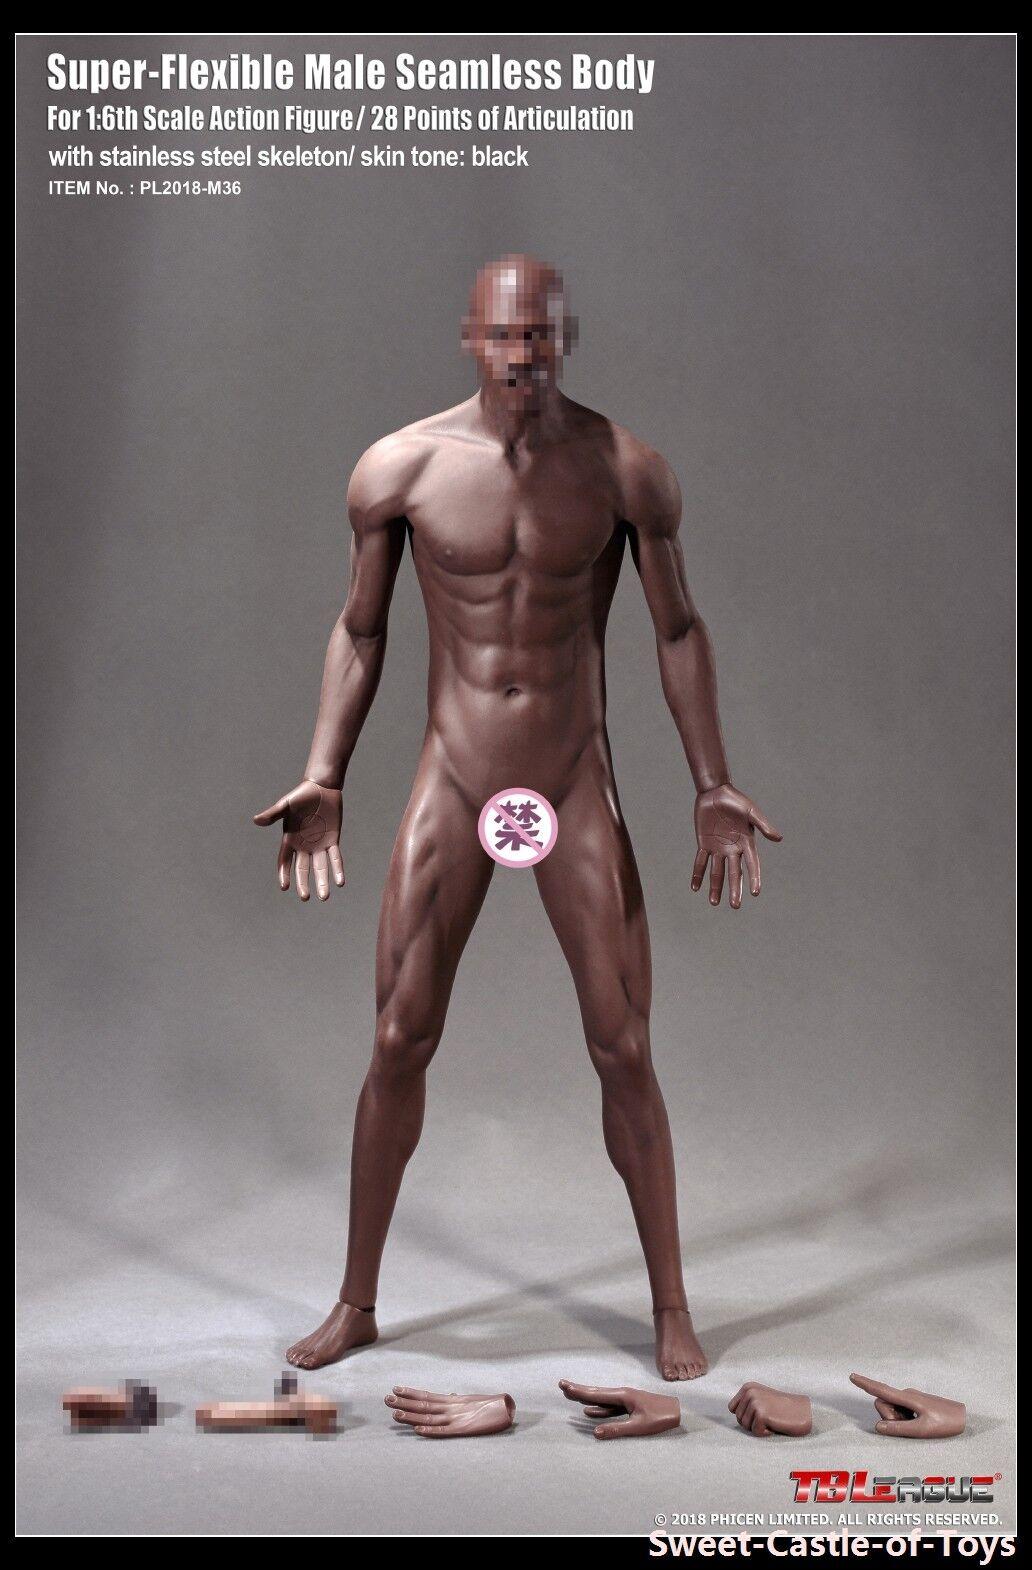 Bis 6 phicen superflexible stahl männliche muskulöse nahtlose körper m36 b über.tbleague